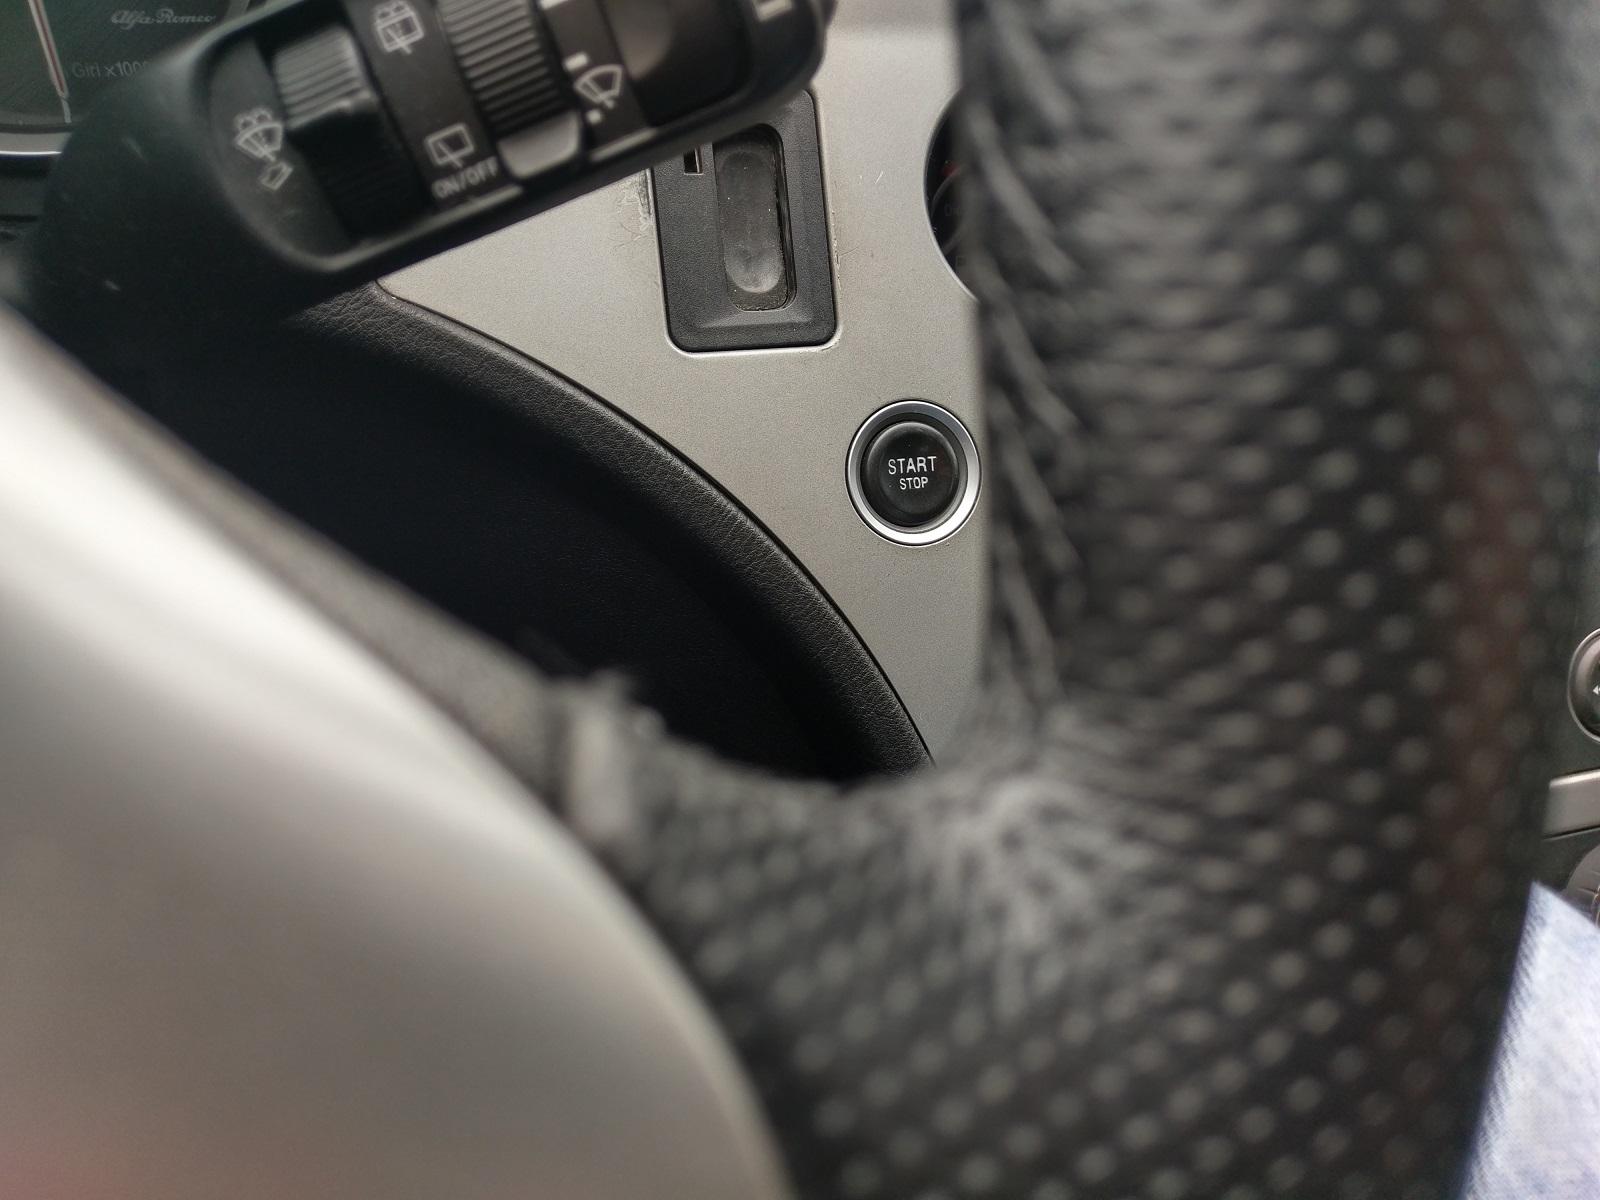 Foto z HTC 10: Preostrovanie je rýchle, prostredie okolo foteného objektu sa vie krásne rozostriť